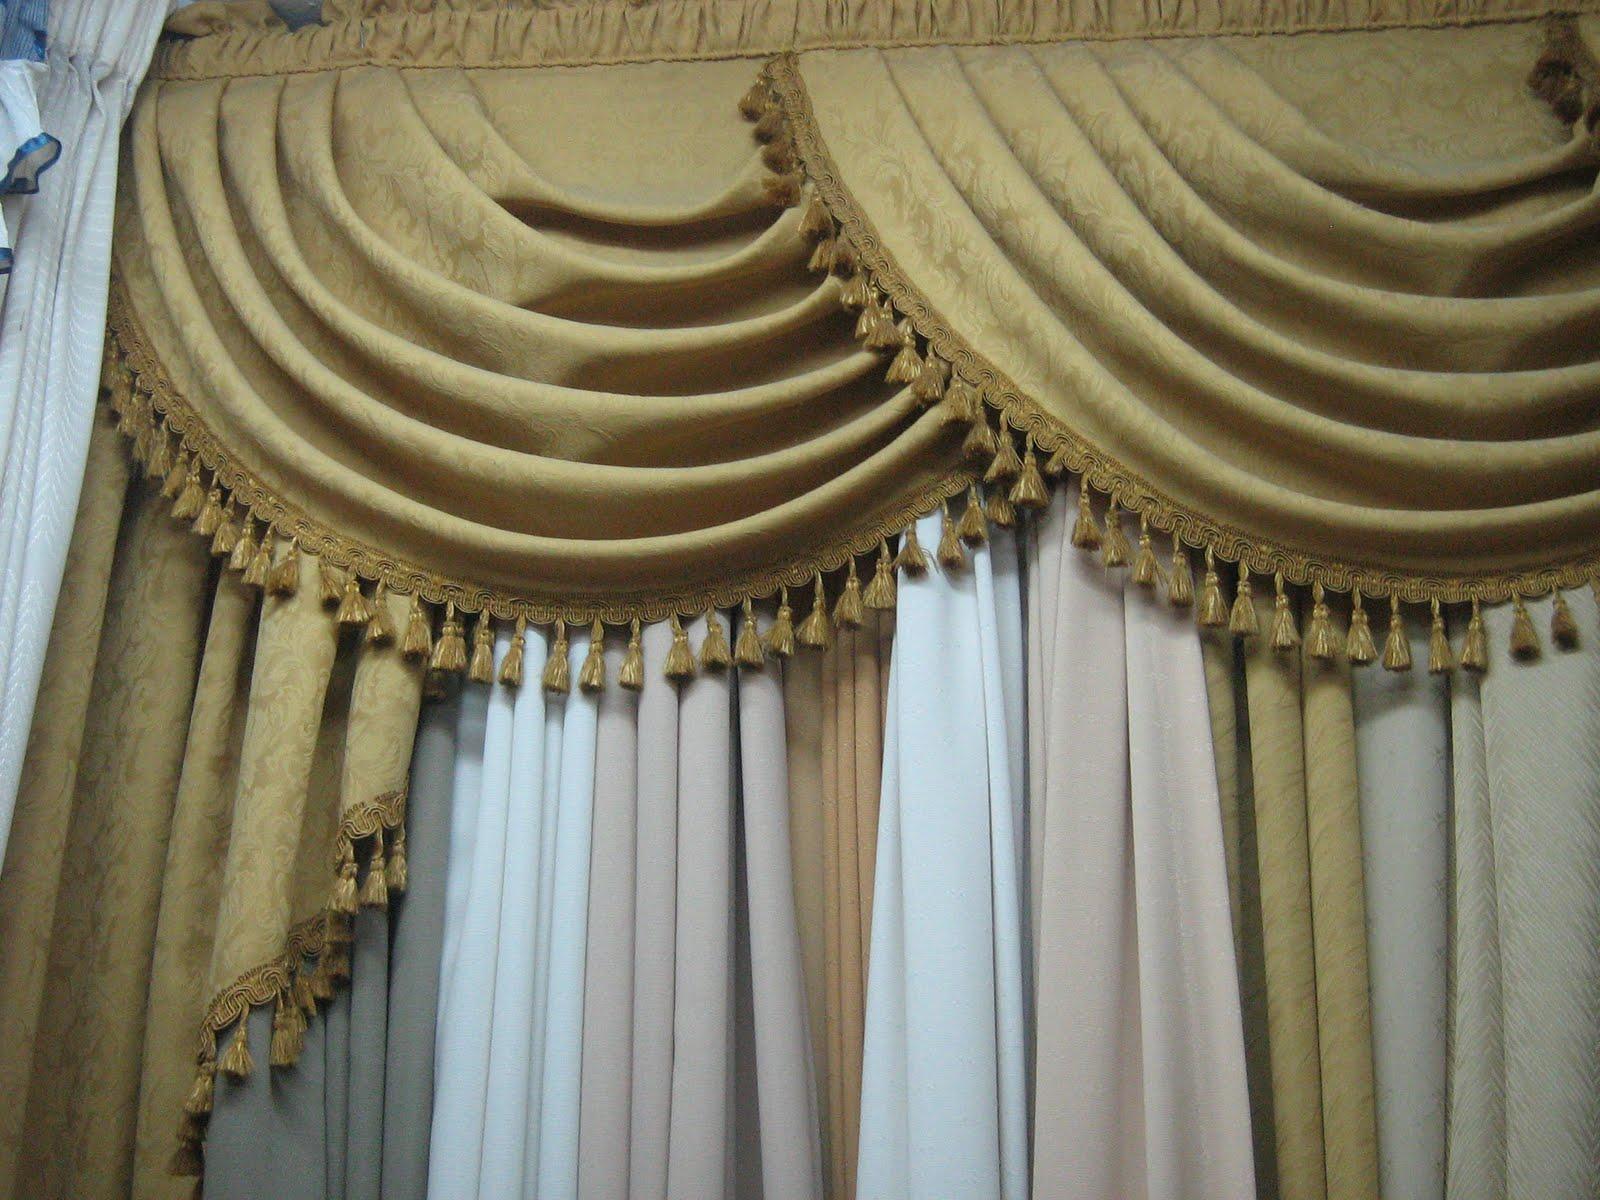 Como hacer cenefas decorativas para cortinas imagui - Hacer cortina ...